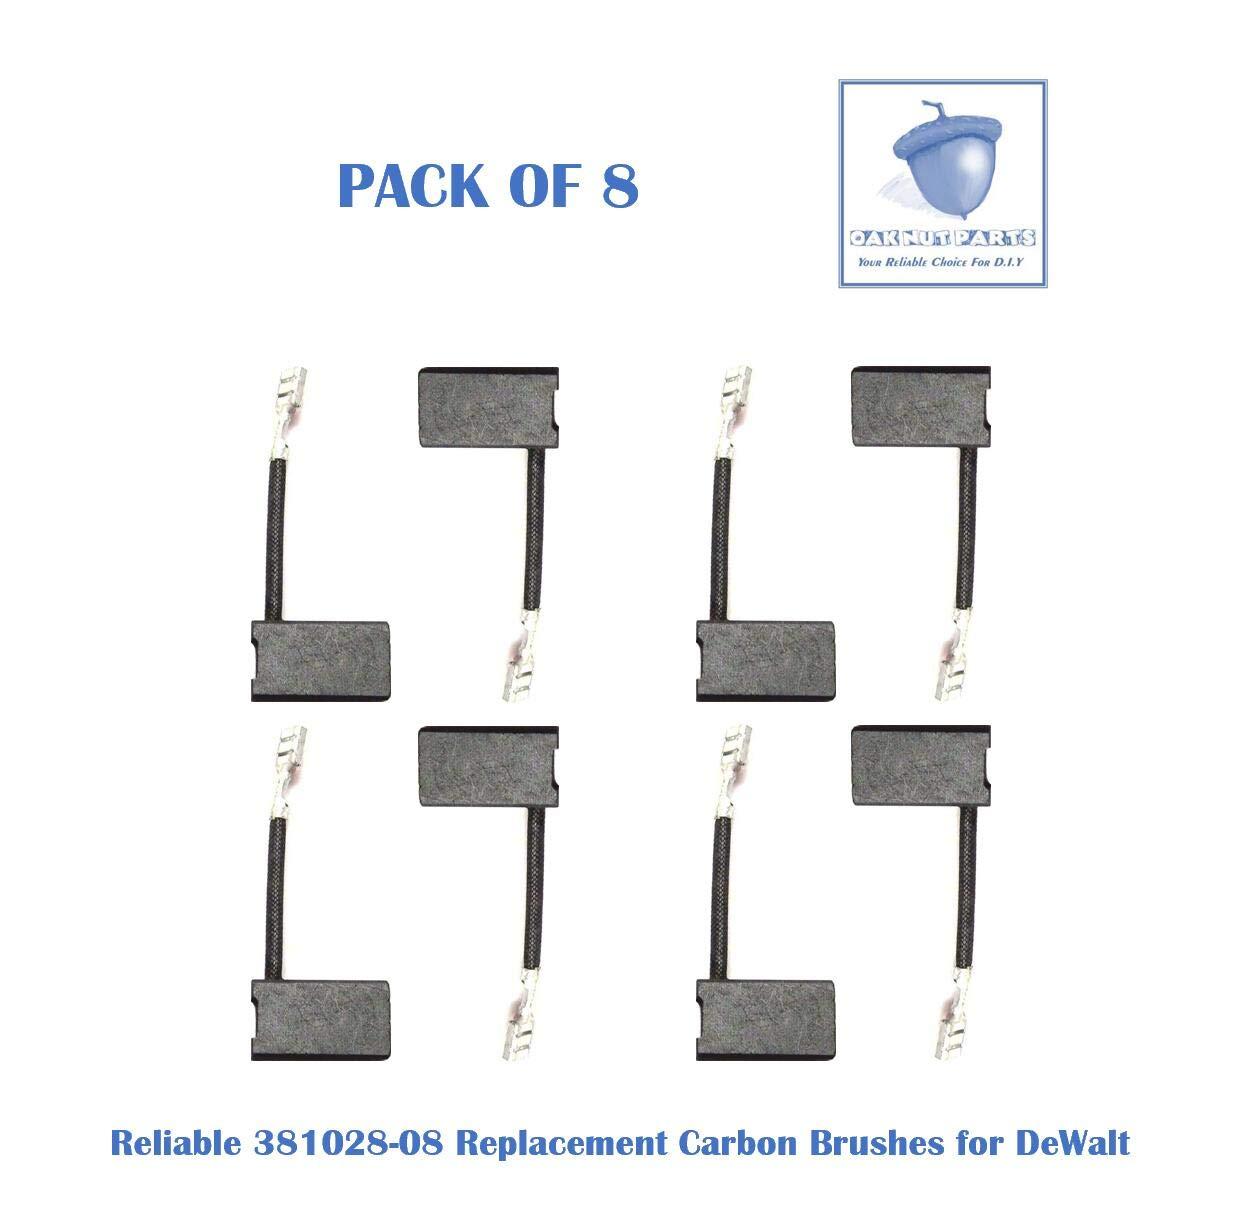 8PCS Reliable 381028-08 Carbon Brush Replacement for DeWalt 381028-08 & 381028-02 -Fits DW717, DW718, DWS780 (8 pcs/pack)